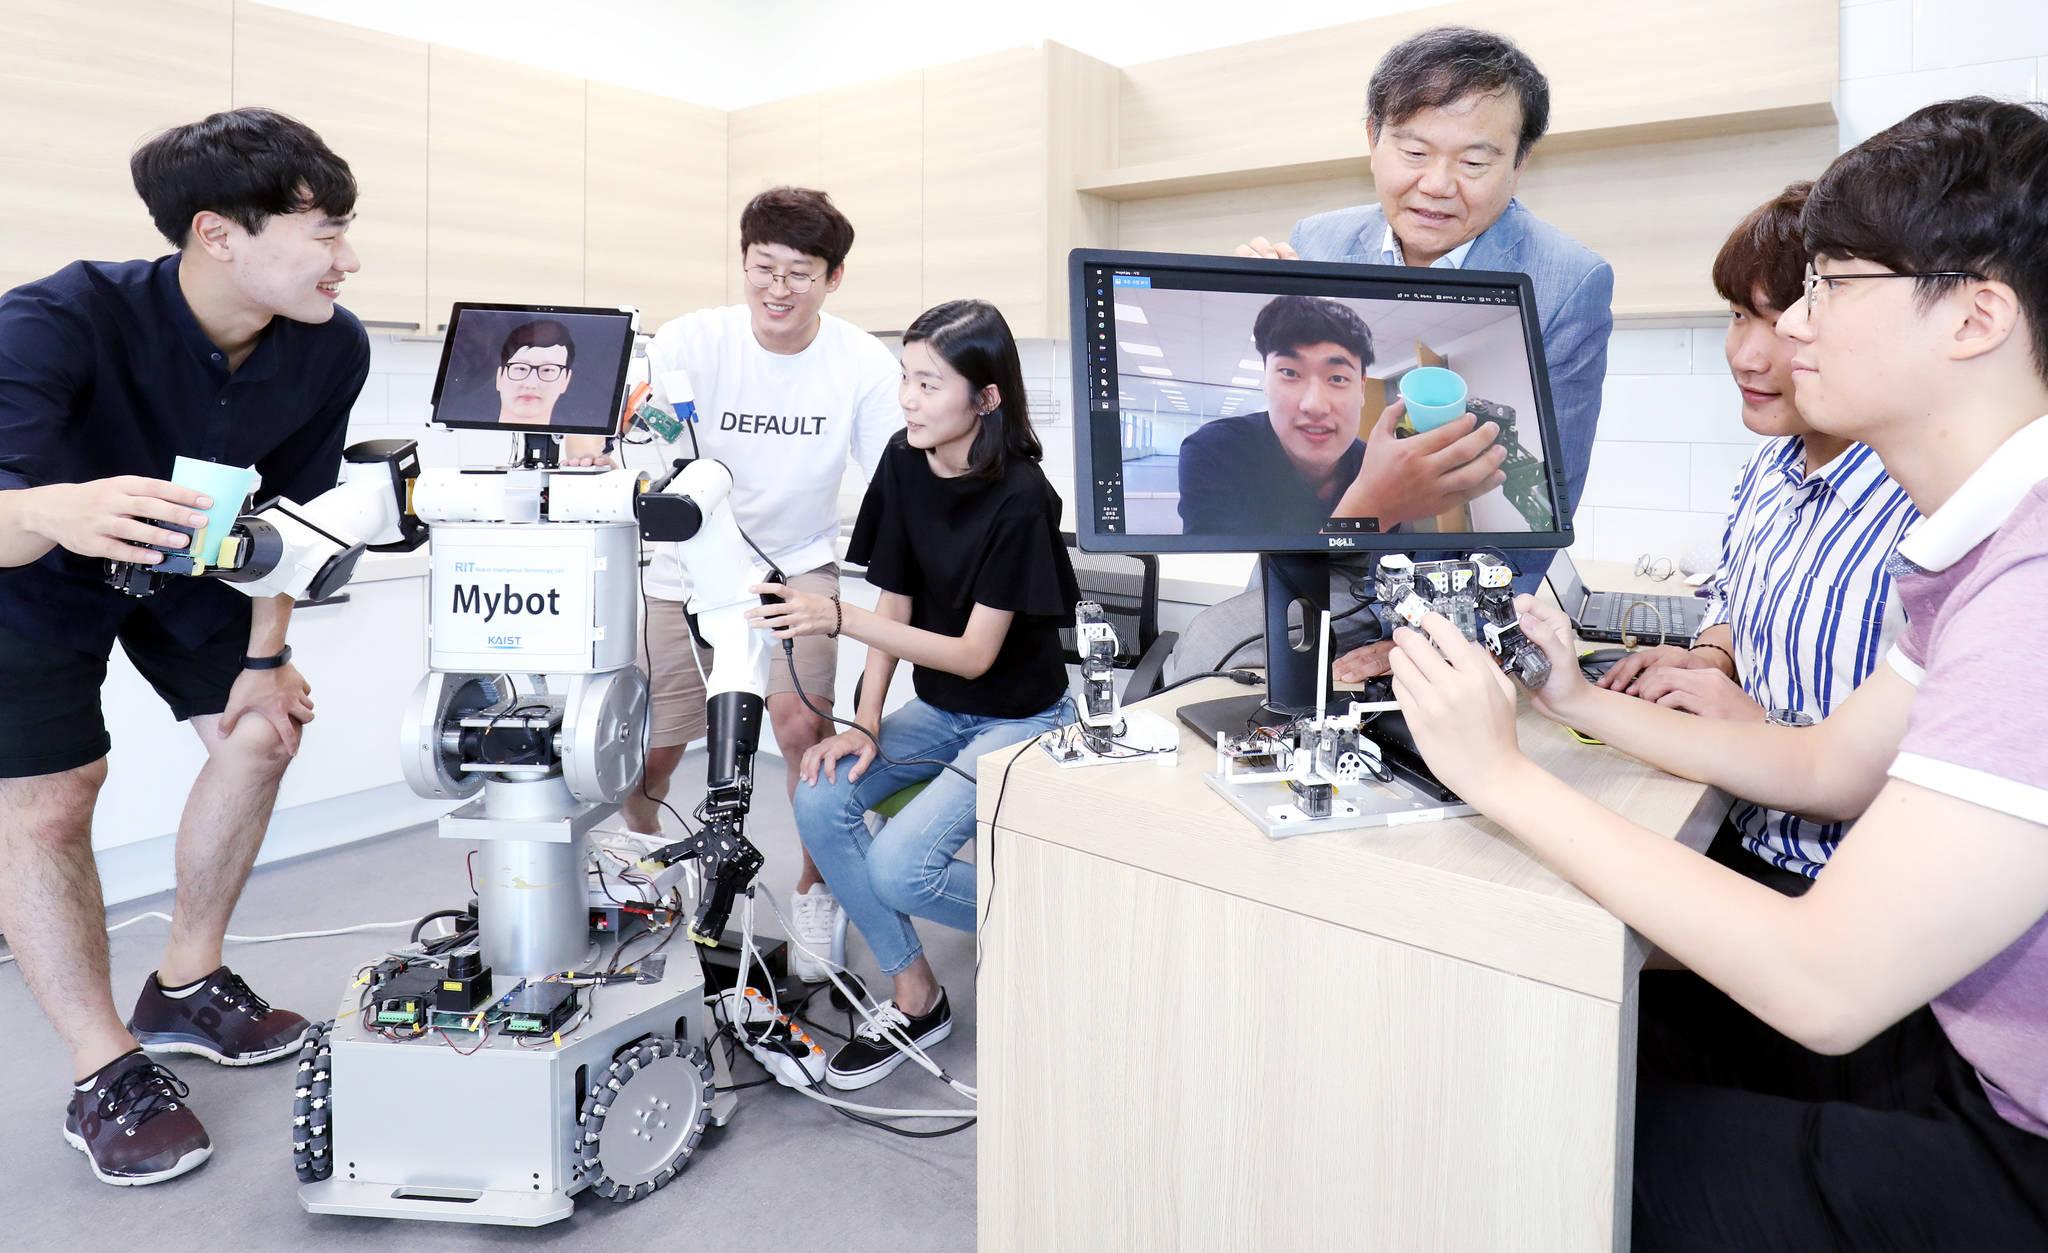 올해 전자공학과 평가에서 '최상'에 오른 KAIST 전기및전자공학부의 김종환 교수(오른쪽에서 셋째)가 지난 1일 학생들과 함께 사람 감정을 읽는 로봇인 '마이봇(Mybot)'의 작동 상태를 확인하고 있다. [프리랜서 김성태]